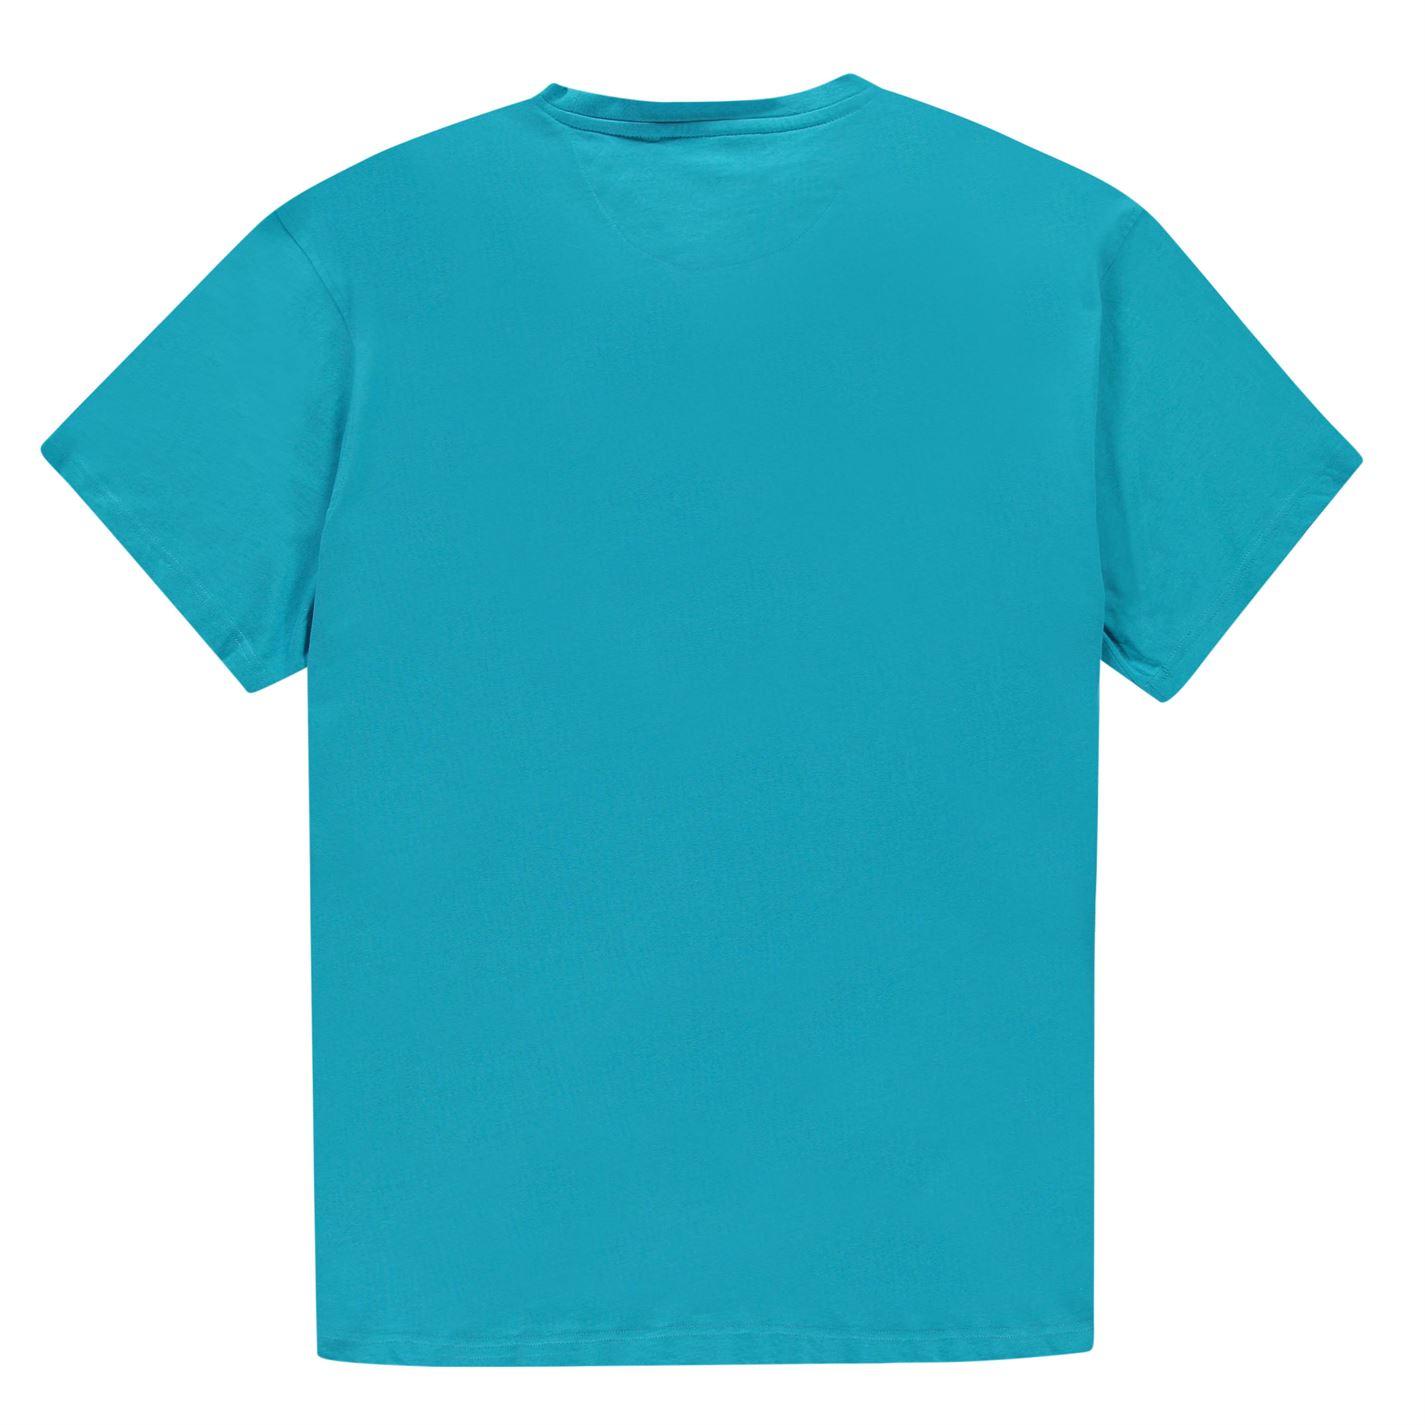 Pierre-Cardin-Uomo-C-XL-CREW-TEE-Collo-Camicia miniatura 18